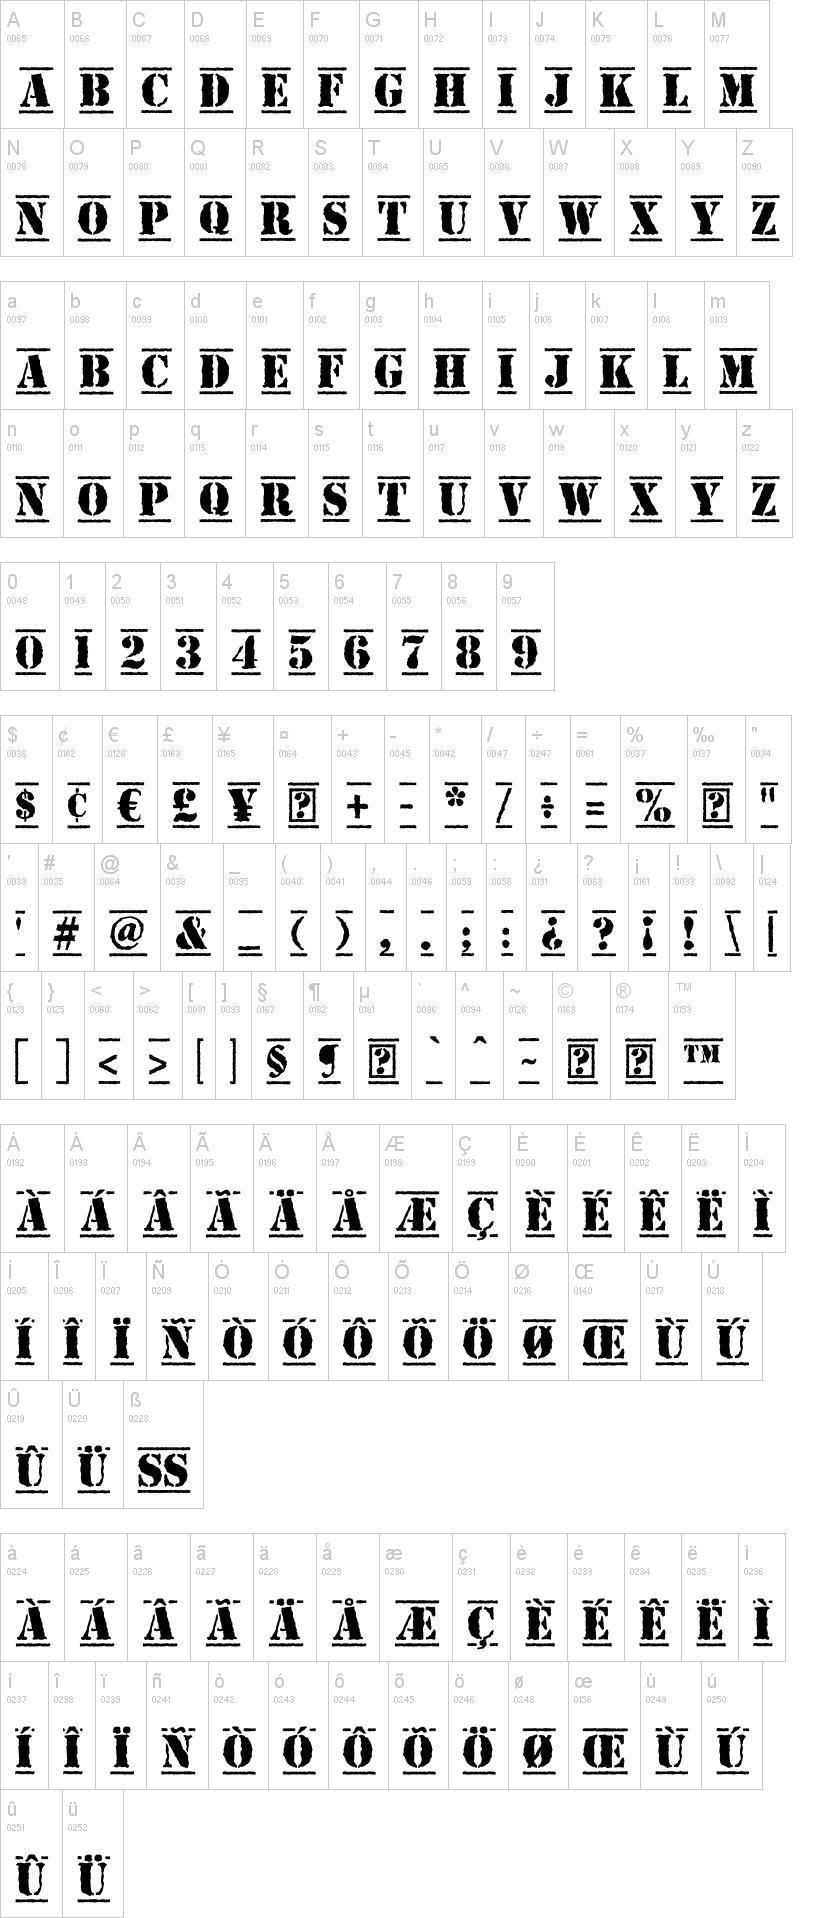 top secret font